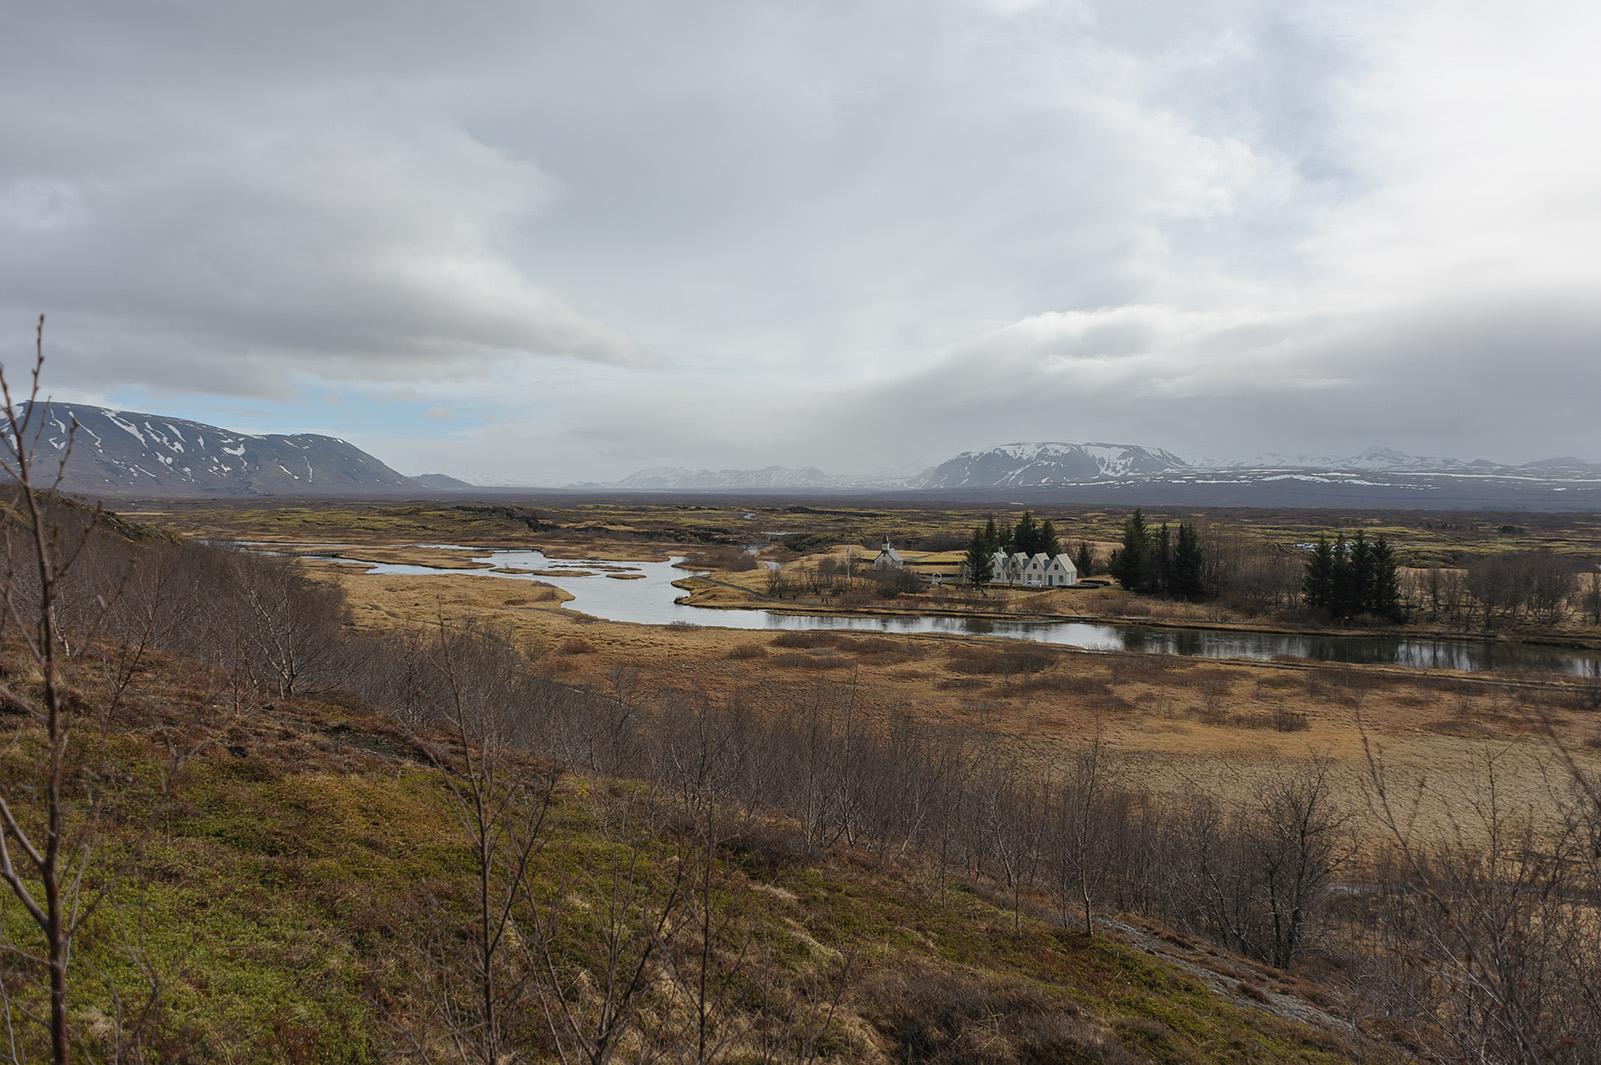 Þingvellir - в этом месте сходятся северо-американская и евразийская литосферные плиты. Получается, что Исландию делят пополам Европа и Америка.